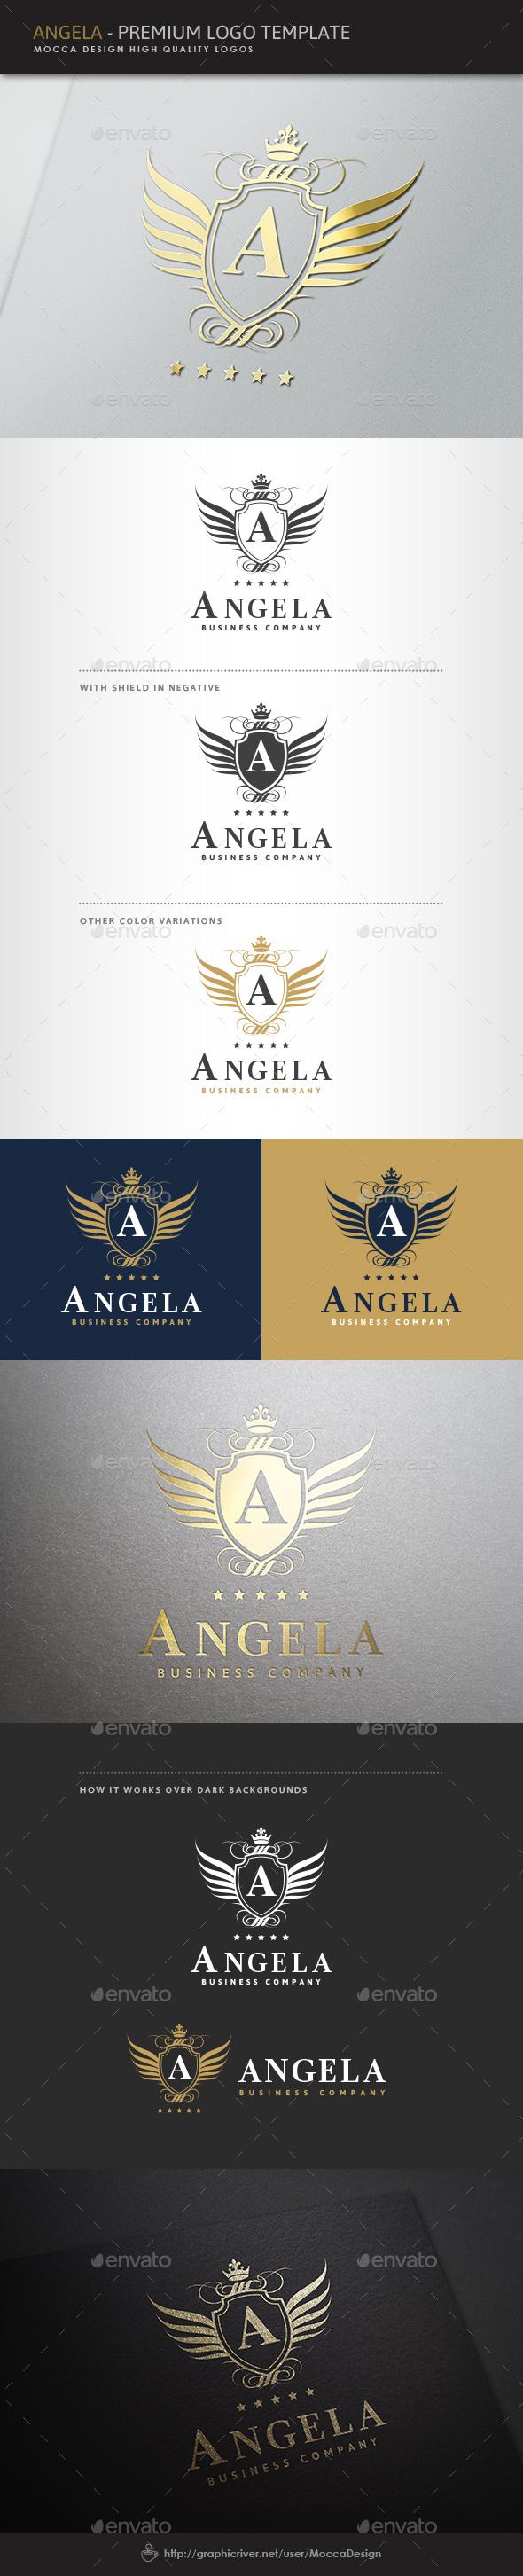 Angela Logo